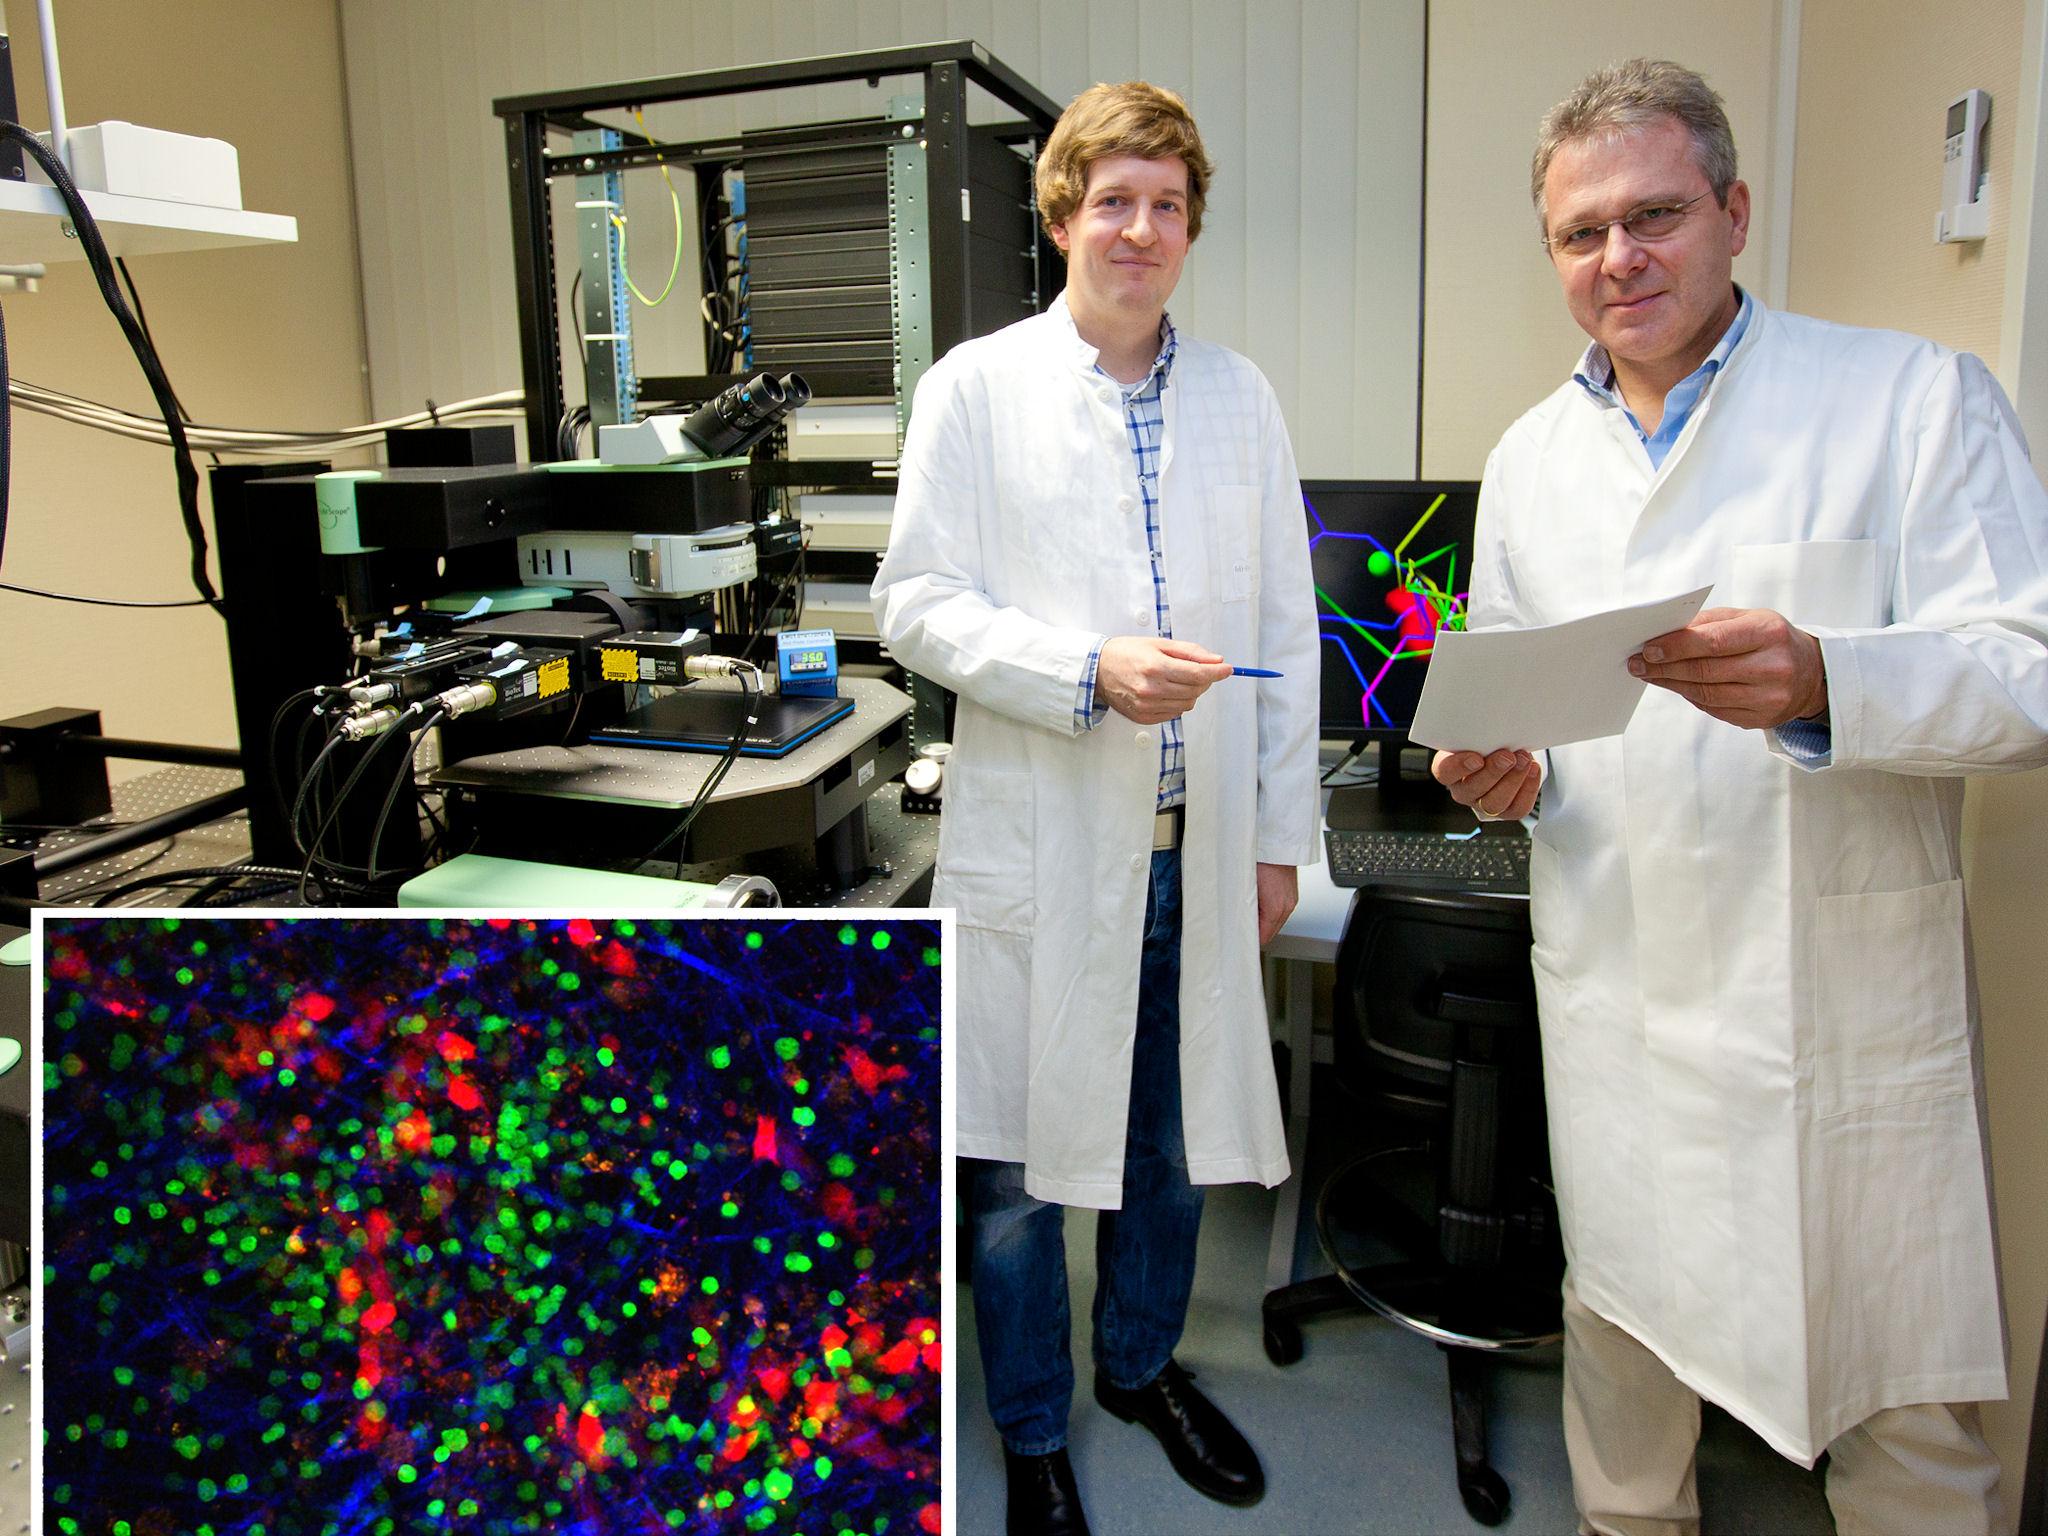 Zwei Männer in weißen Kitteln mit wissenschaftlichen Geräten und integriertem farbigem Bild